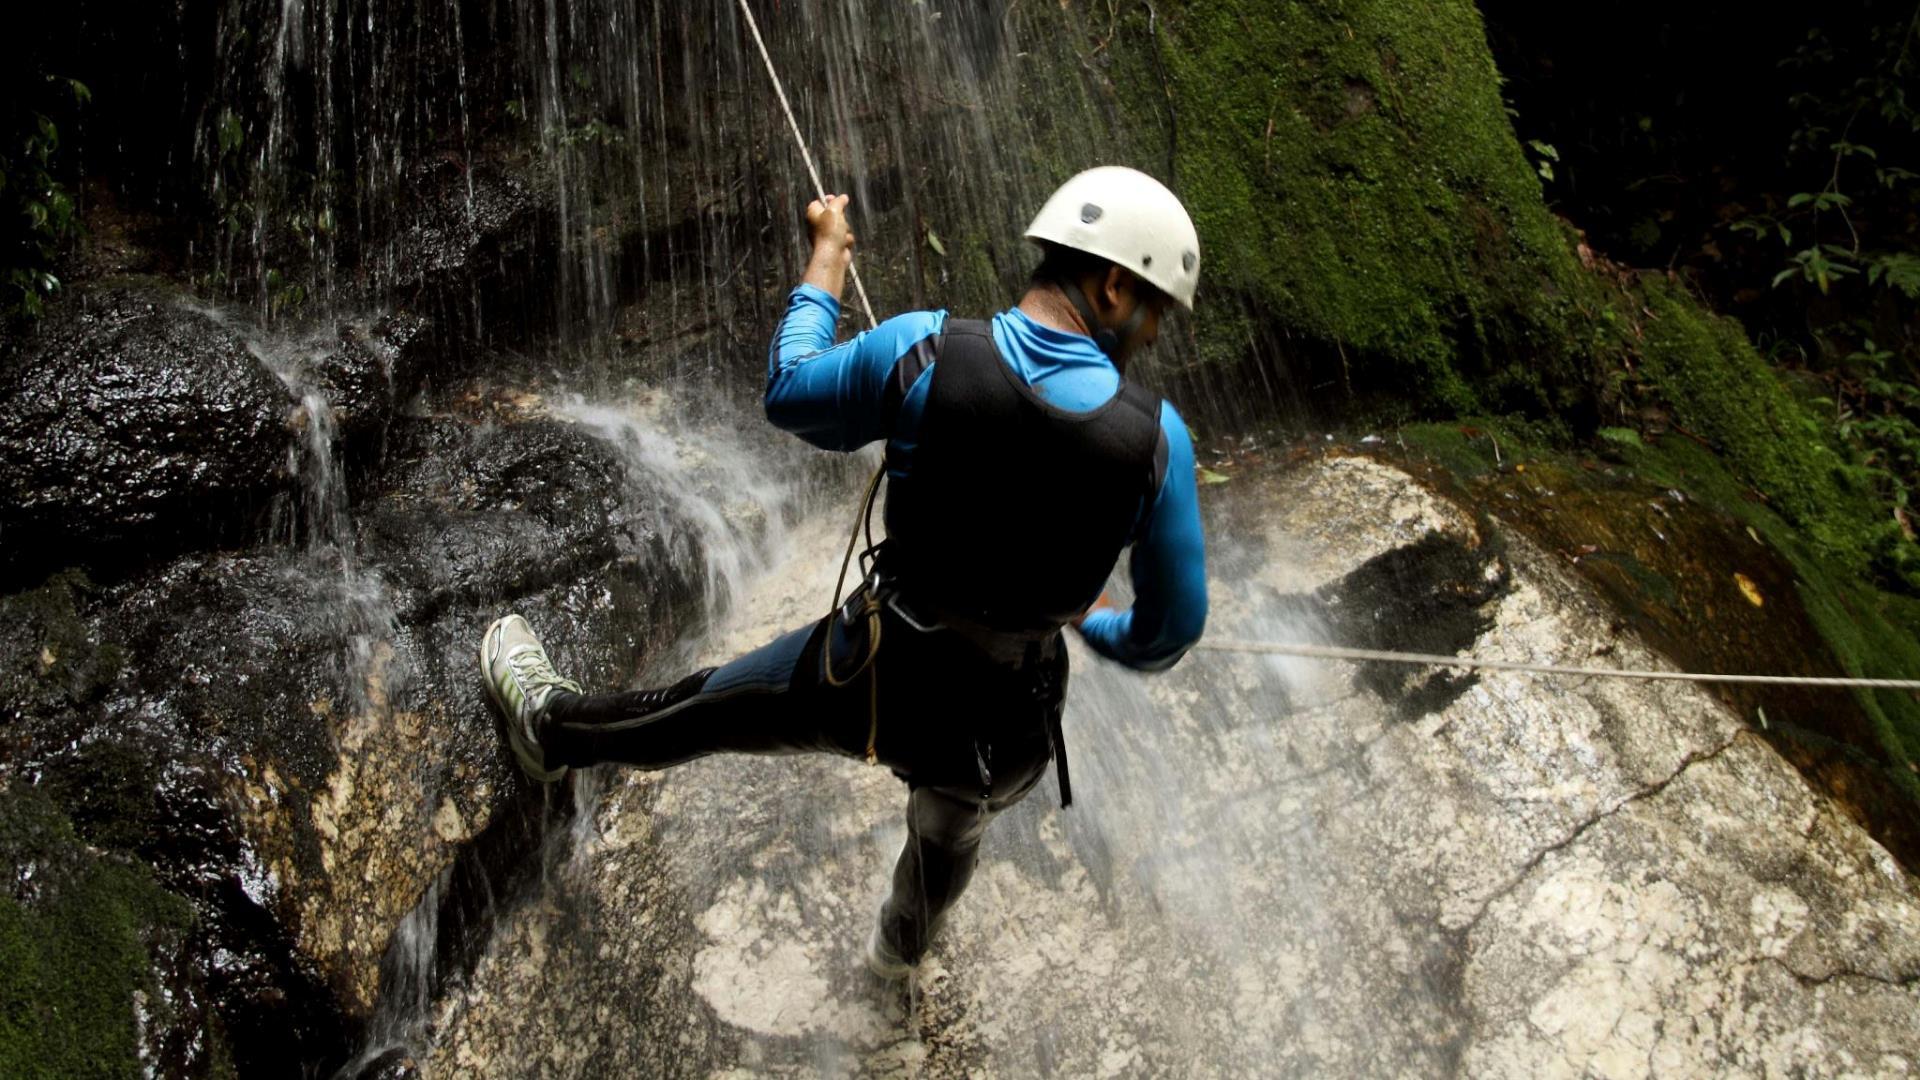 Crece el turismo de aventura en todo el mundo. ¿Cuáles son los destinos más elegidos?